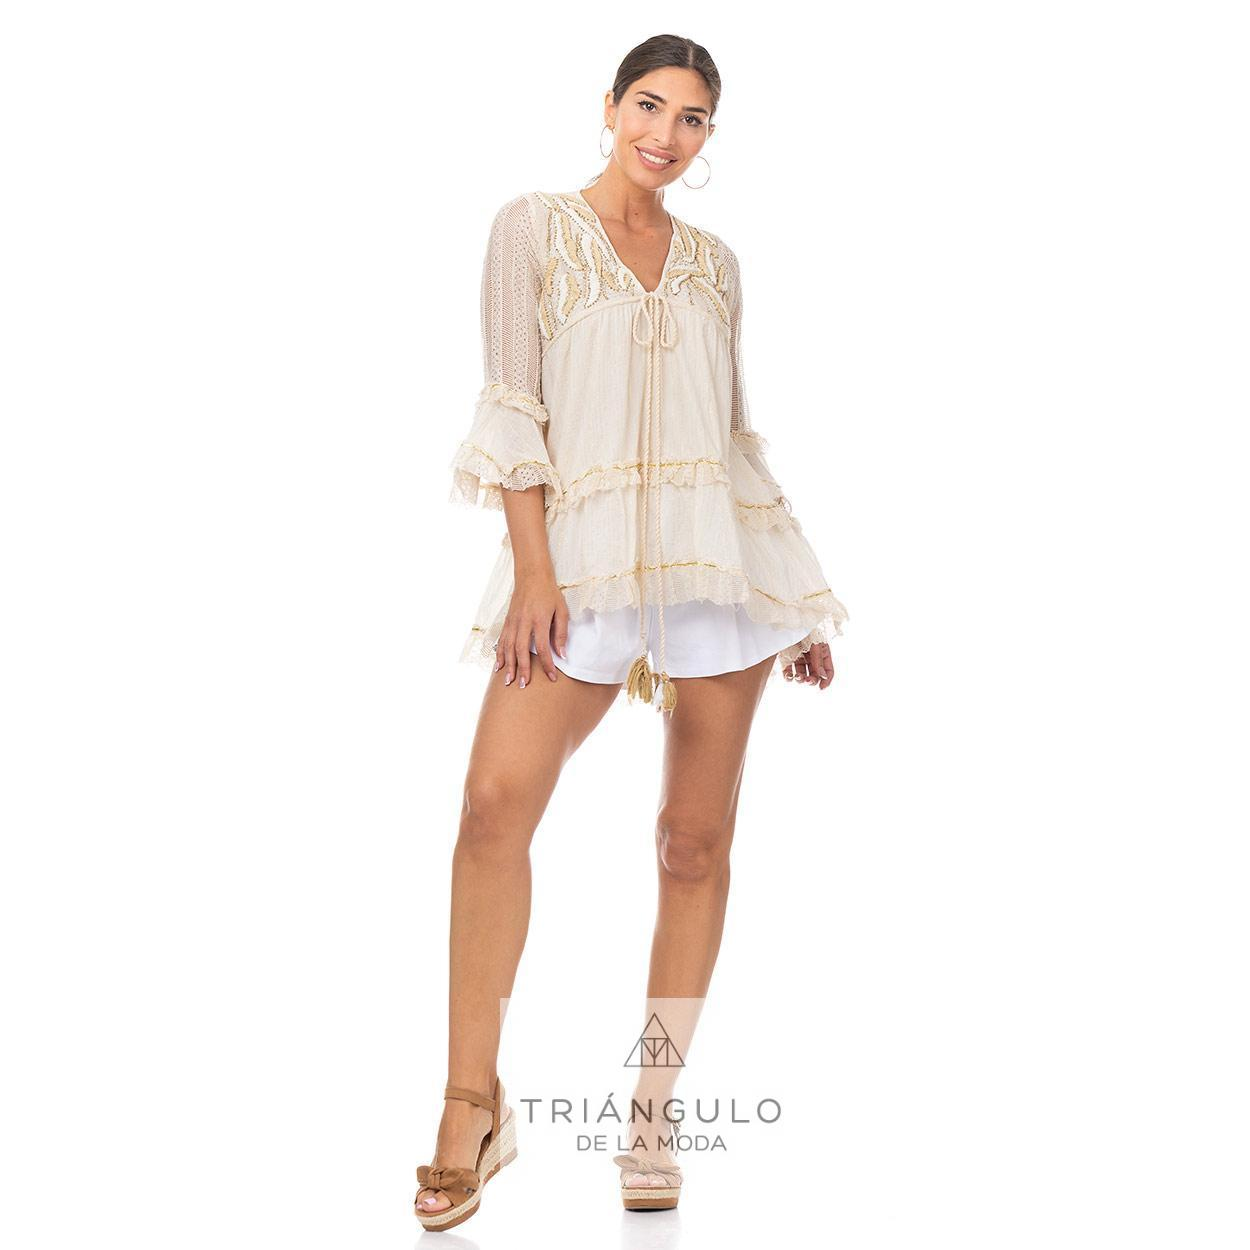 Tienda online del Triangulo de la Moda CASACA BOHO CHIC C/BORDADO CON LENTEJUELAS Y VOLANTES